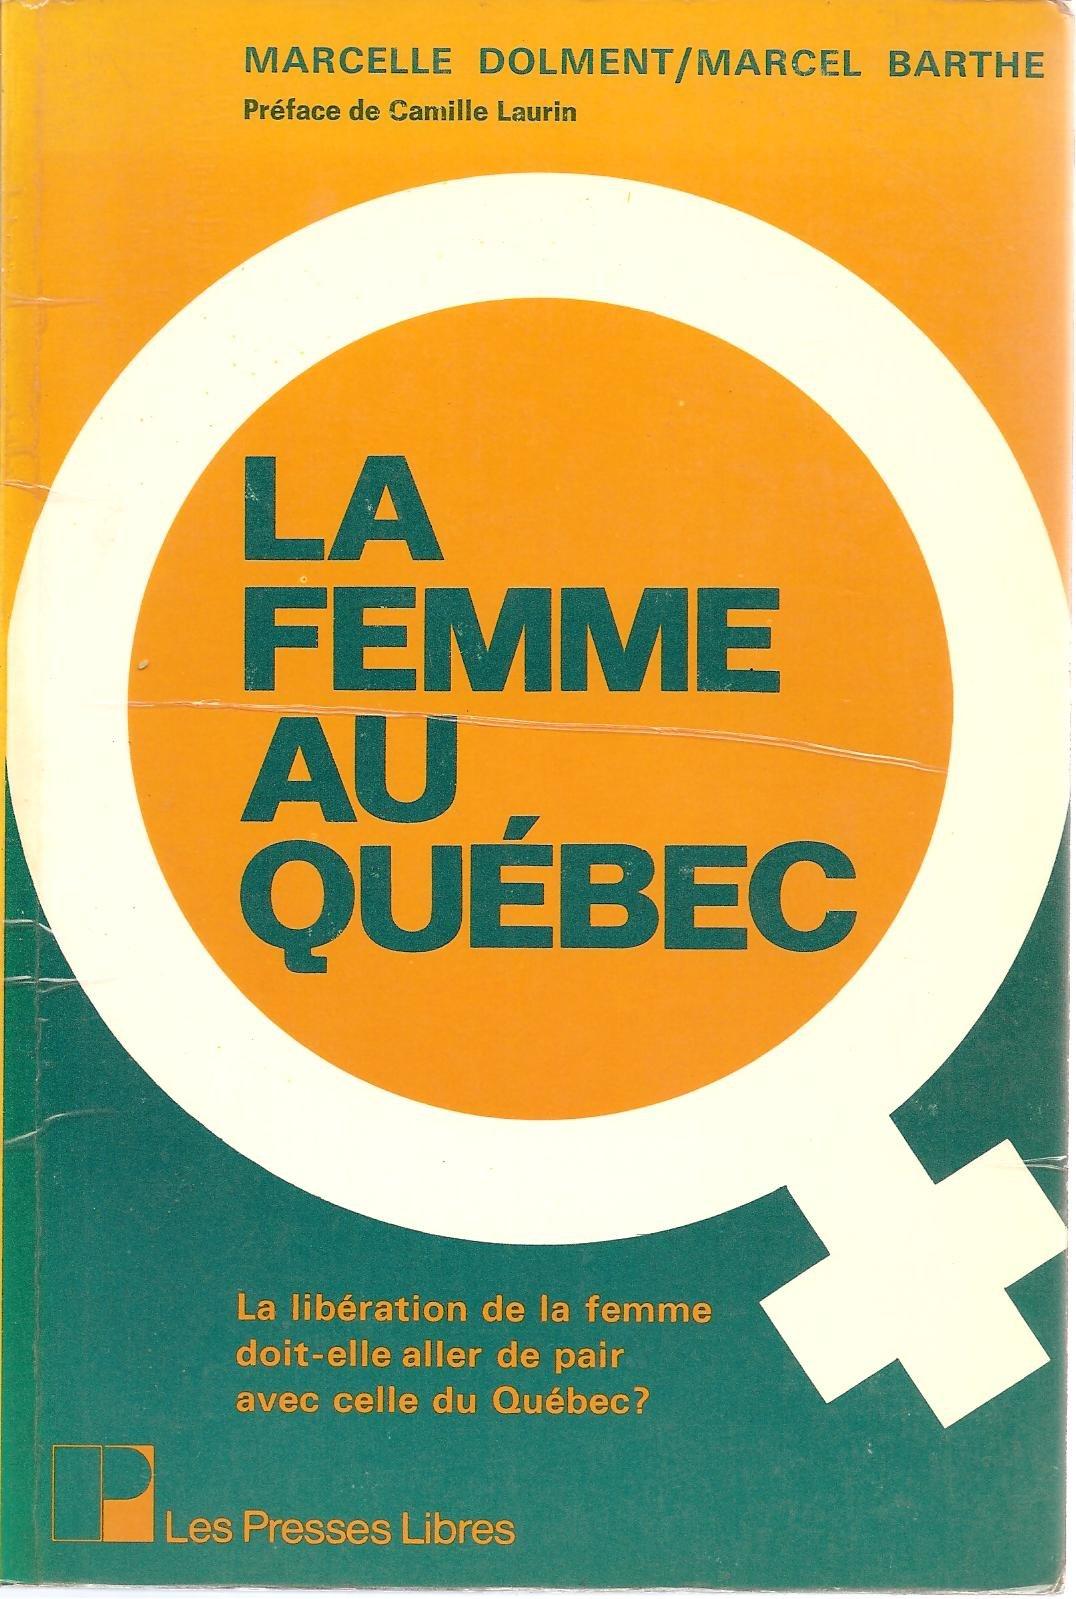 Femme Libre Quebec